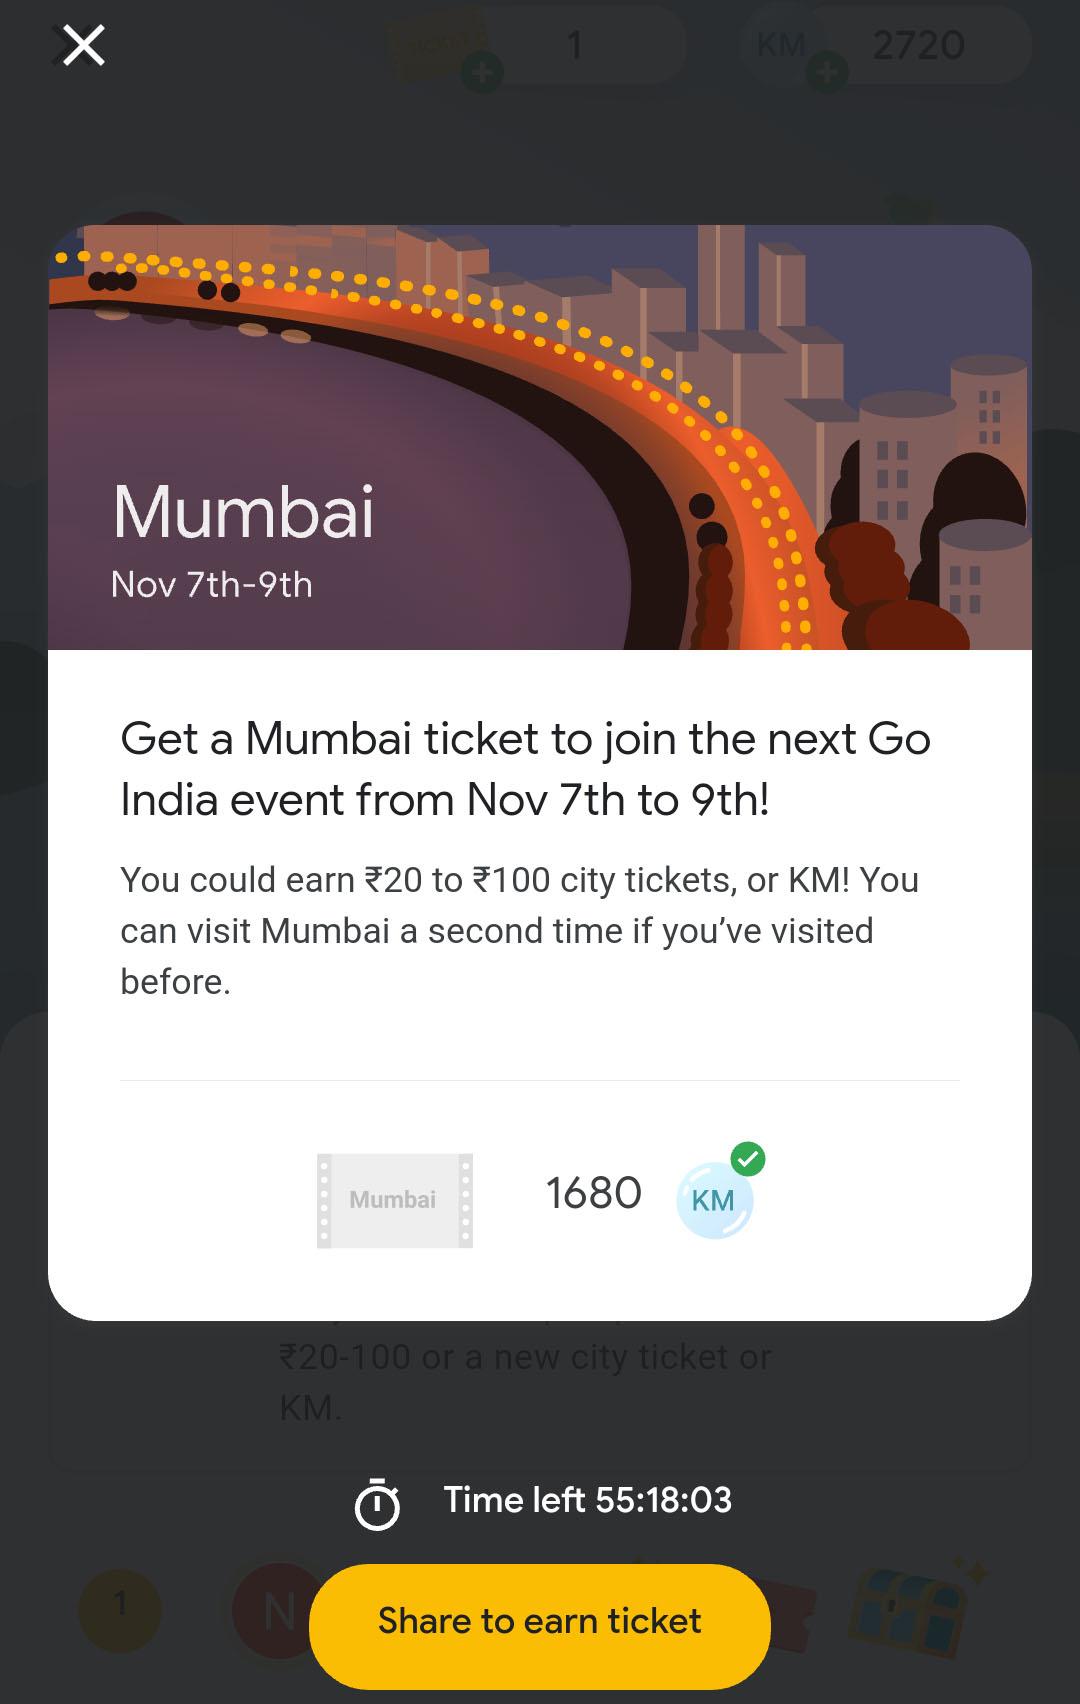 Go India Nainital event answers